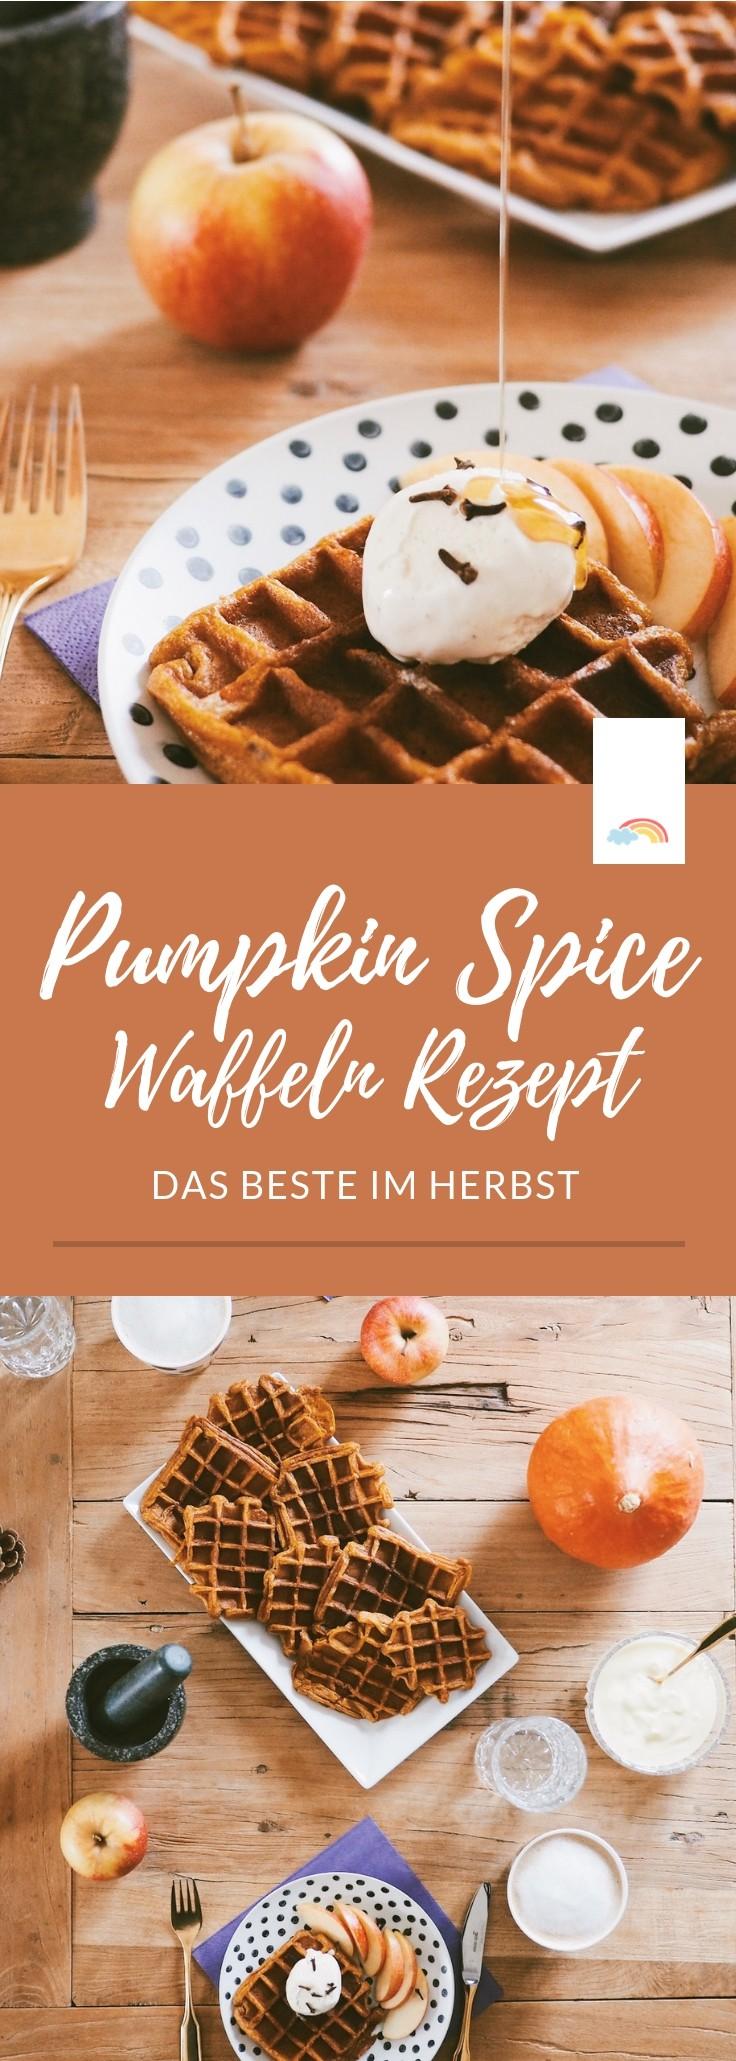 Pumpkin Spice Waffeln: das Highlight im Herbst - das perfekte Rezept mit Kürbis für das Herbstfrühstück! #herbst #kürbis #waffeln